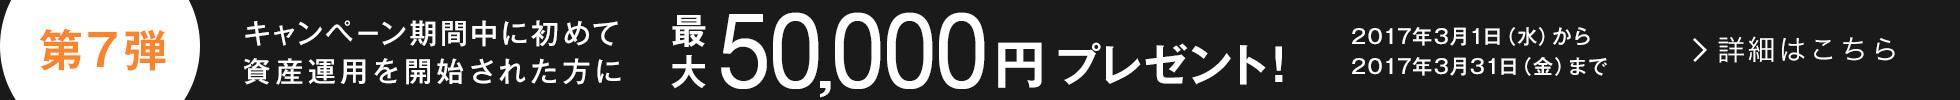 キャンペーン第7弾:キャンペーン期間中に初めて資産運用を開始された方に最大50,000円プレゼント!2017年3月1日(水)から2017年3月31日(金)まで